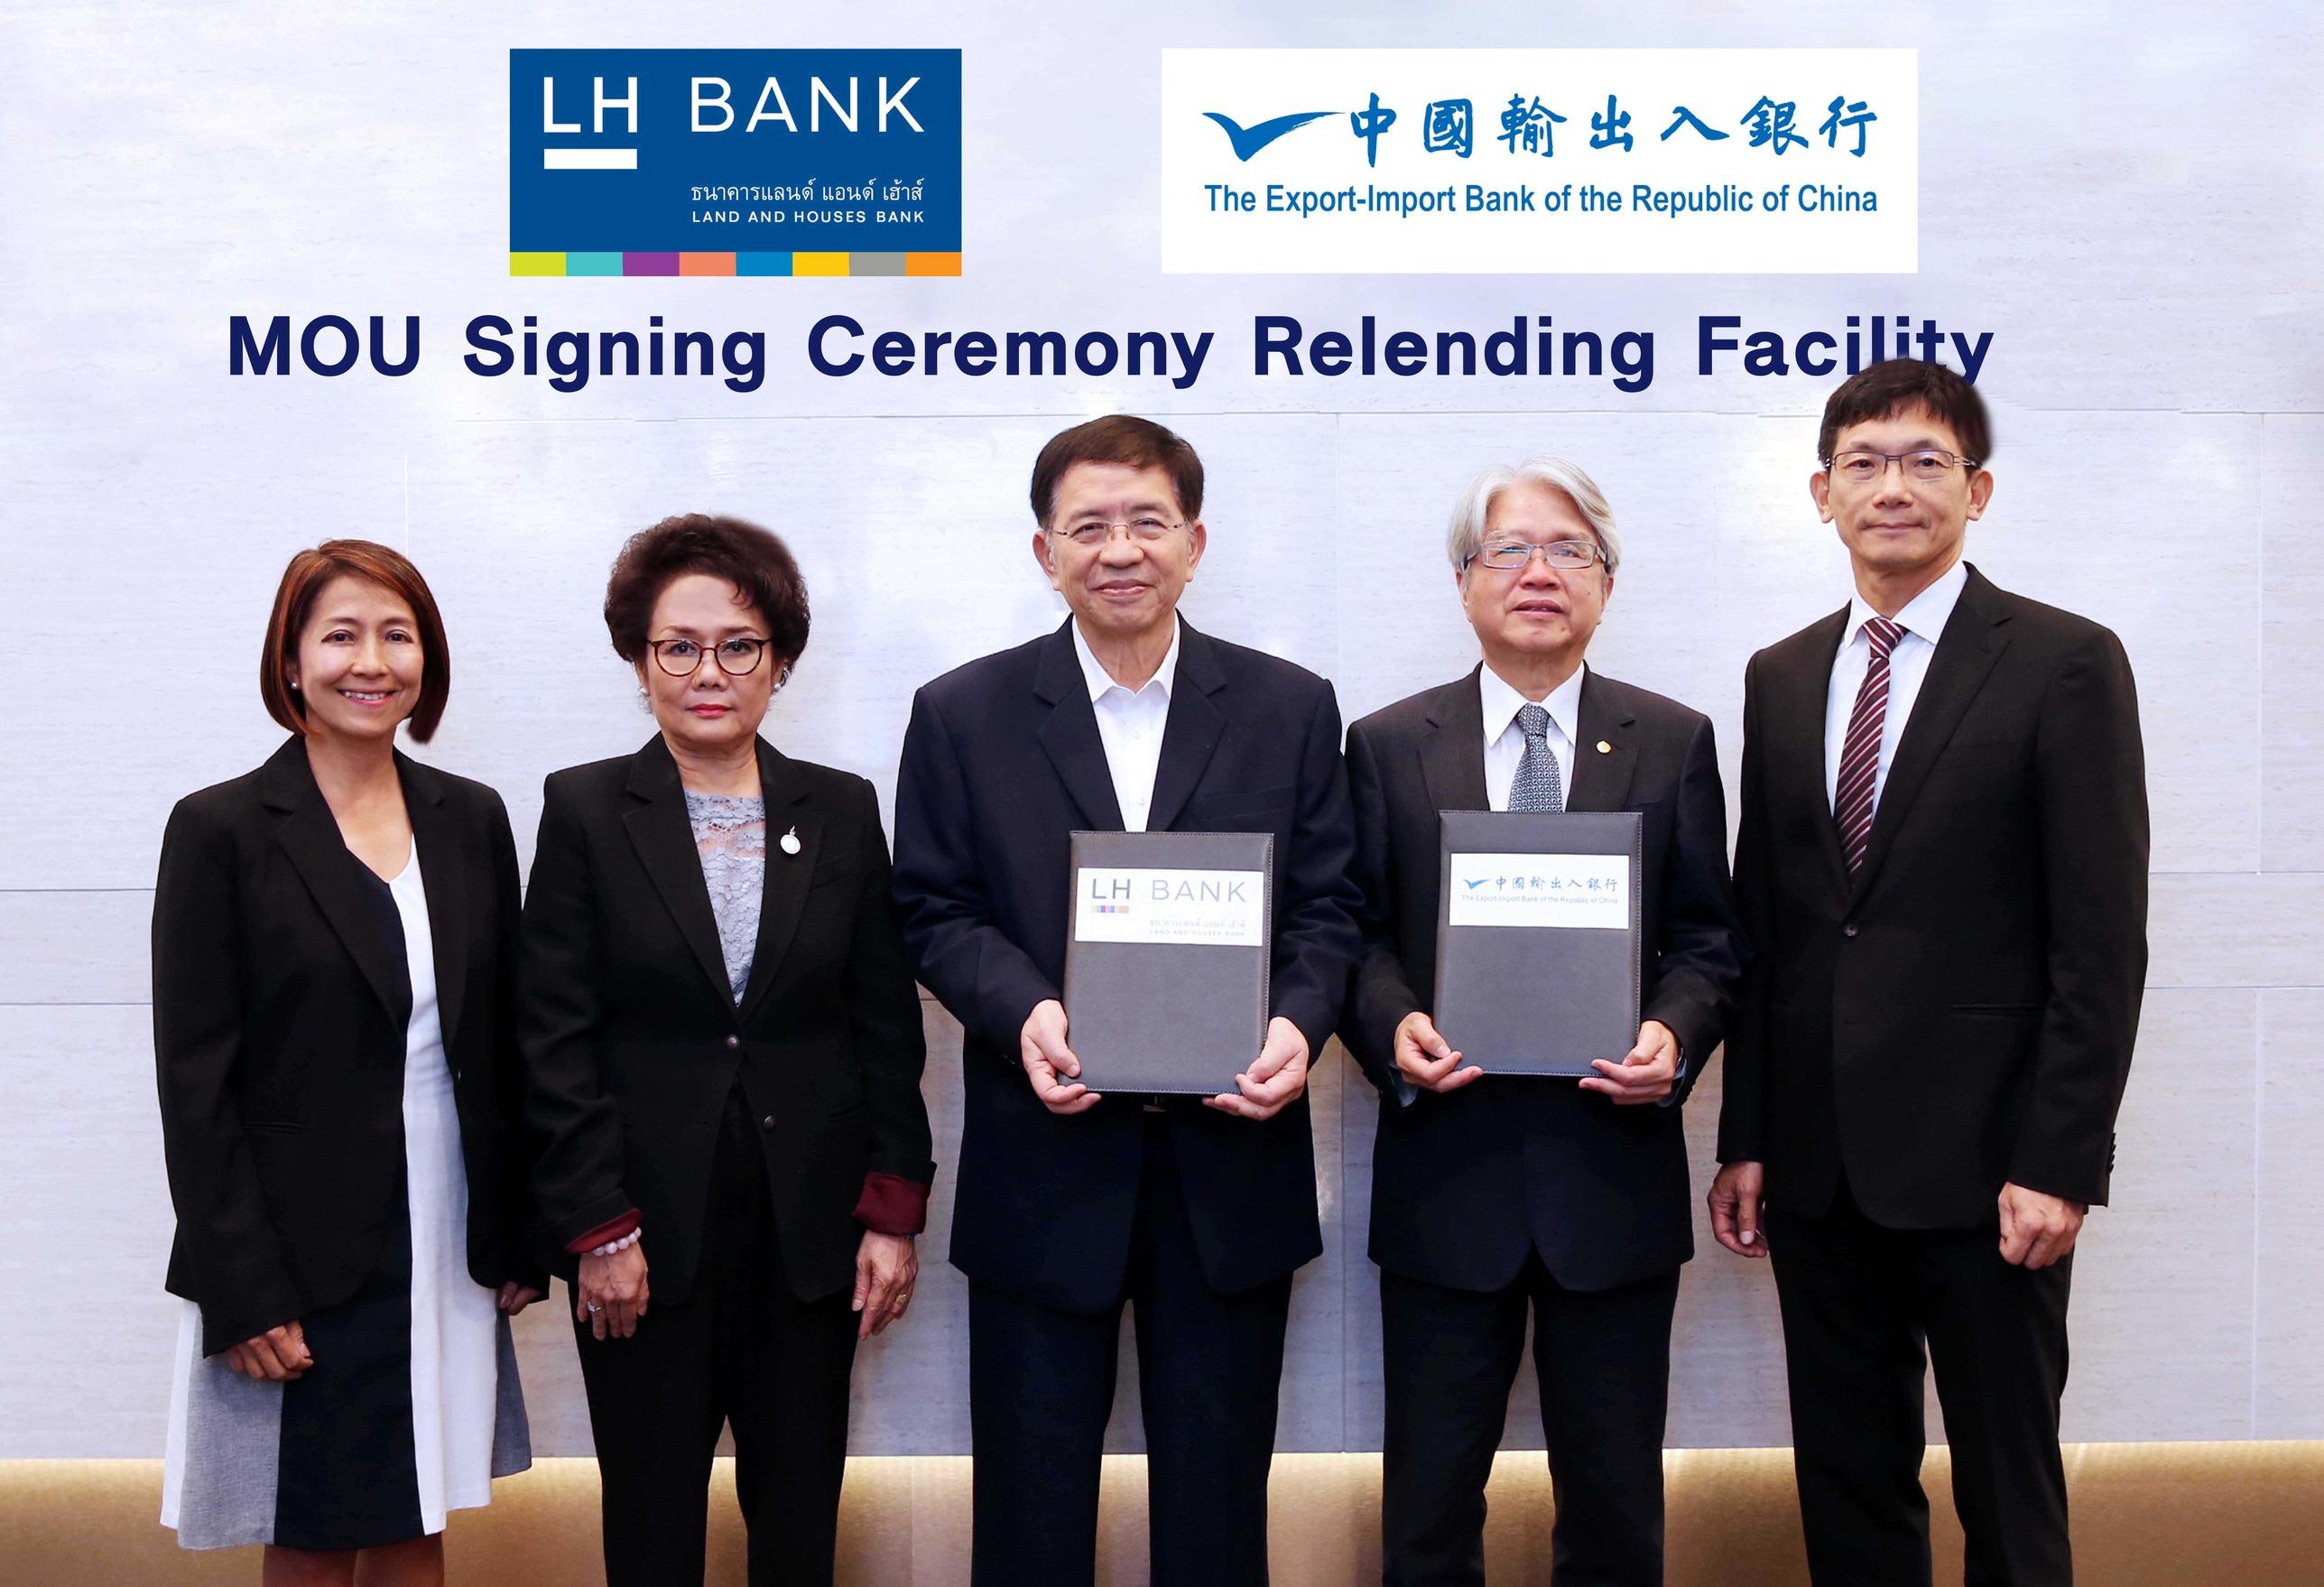 圖片說明-助攻泰國 - 輸出入銀行與Land and Houses Bank簽署合作備忘錄(MOU)